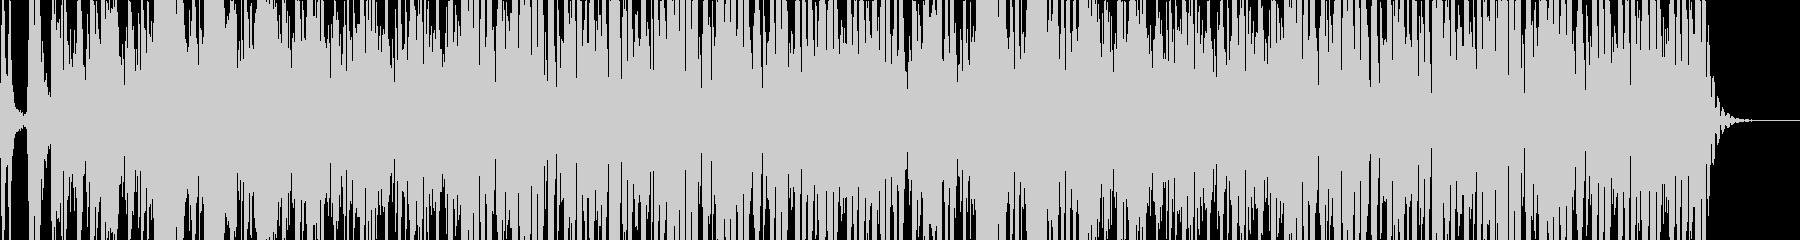 大きな犬と小さな犬の鳴き声を使ったBGMの未再生の波形